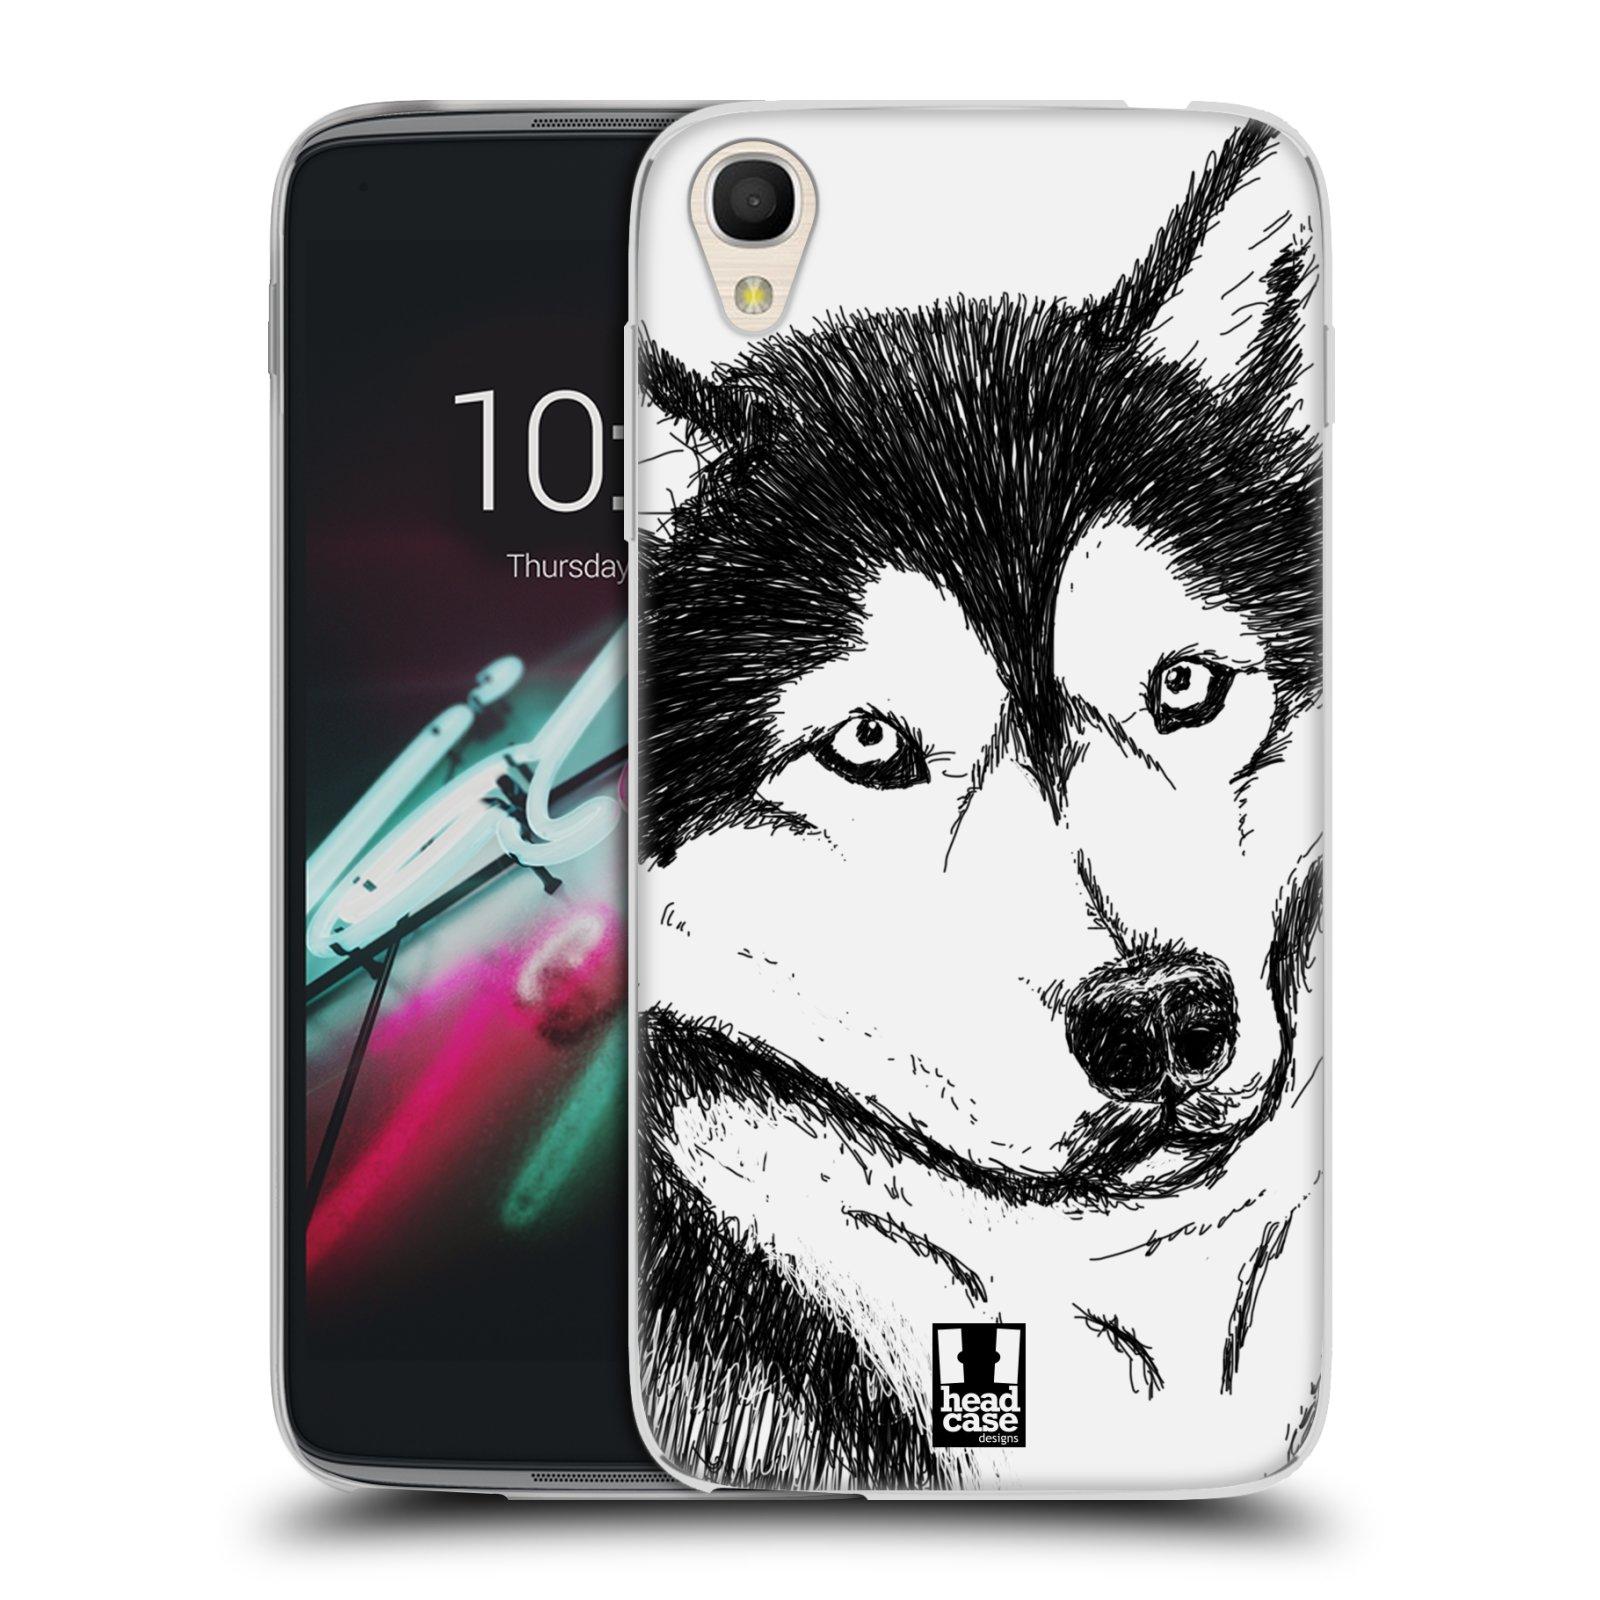 HEAD CASE silikonový obal na mobil Alcatel Idol 3 OT-6039Y (4.7) vzor Kreslená zvířátka černá a bílá pes husky